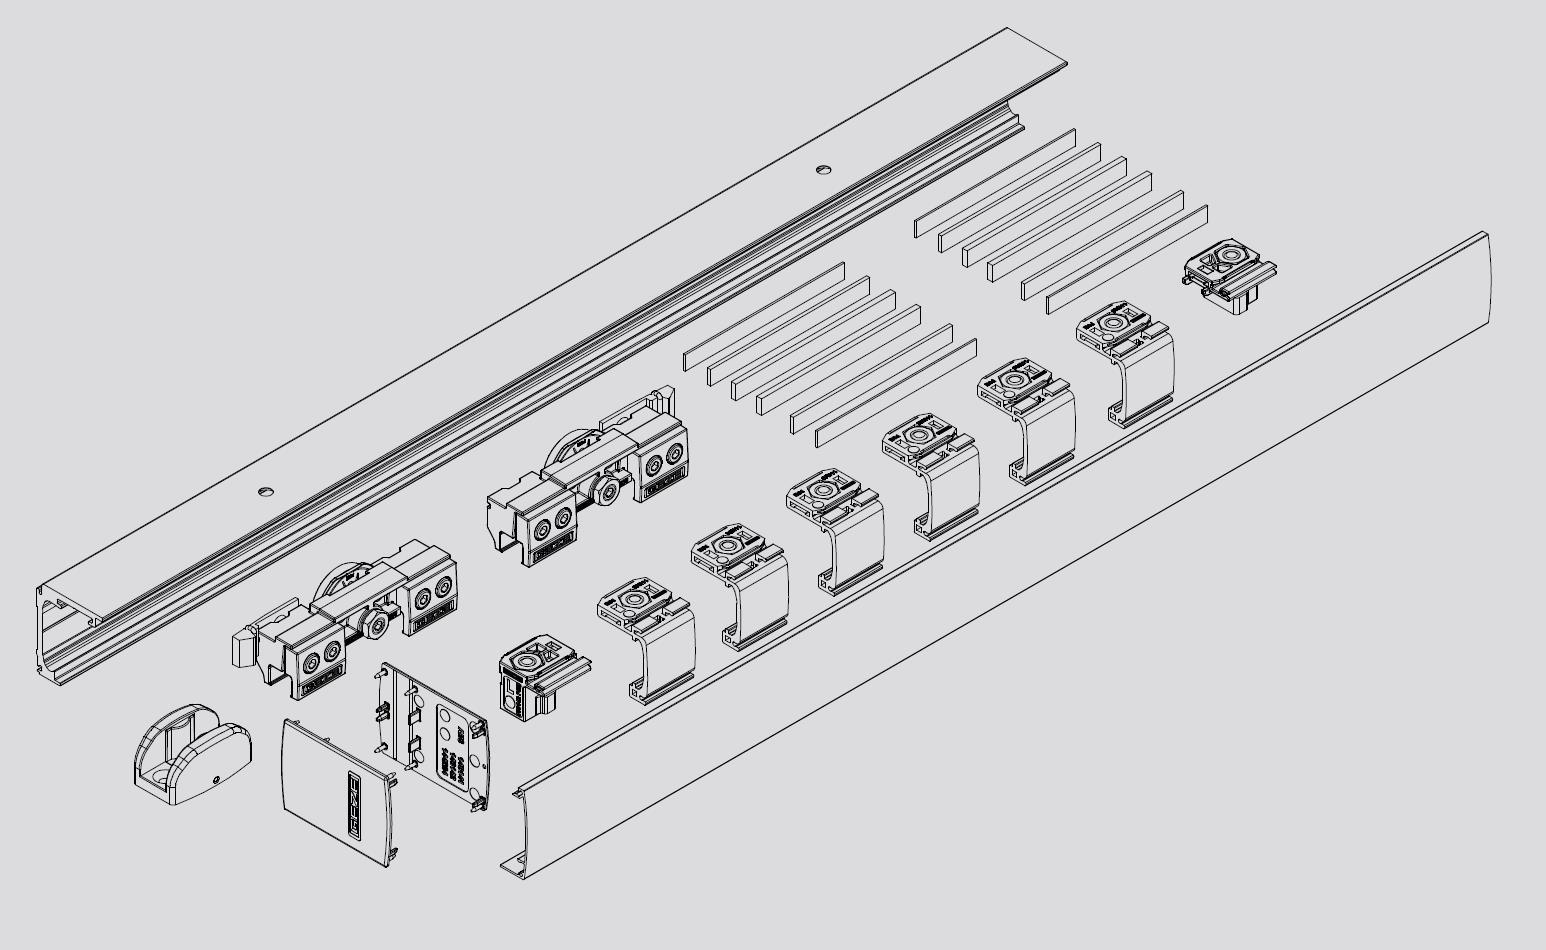 petersen gmbh der handwerkermarkt geze levolan 60 ev1. Black Bedroom Furniture Sets. Home Design Ideas